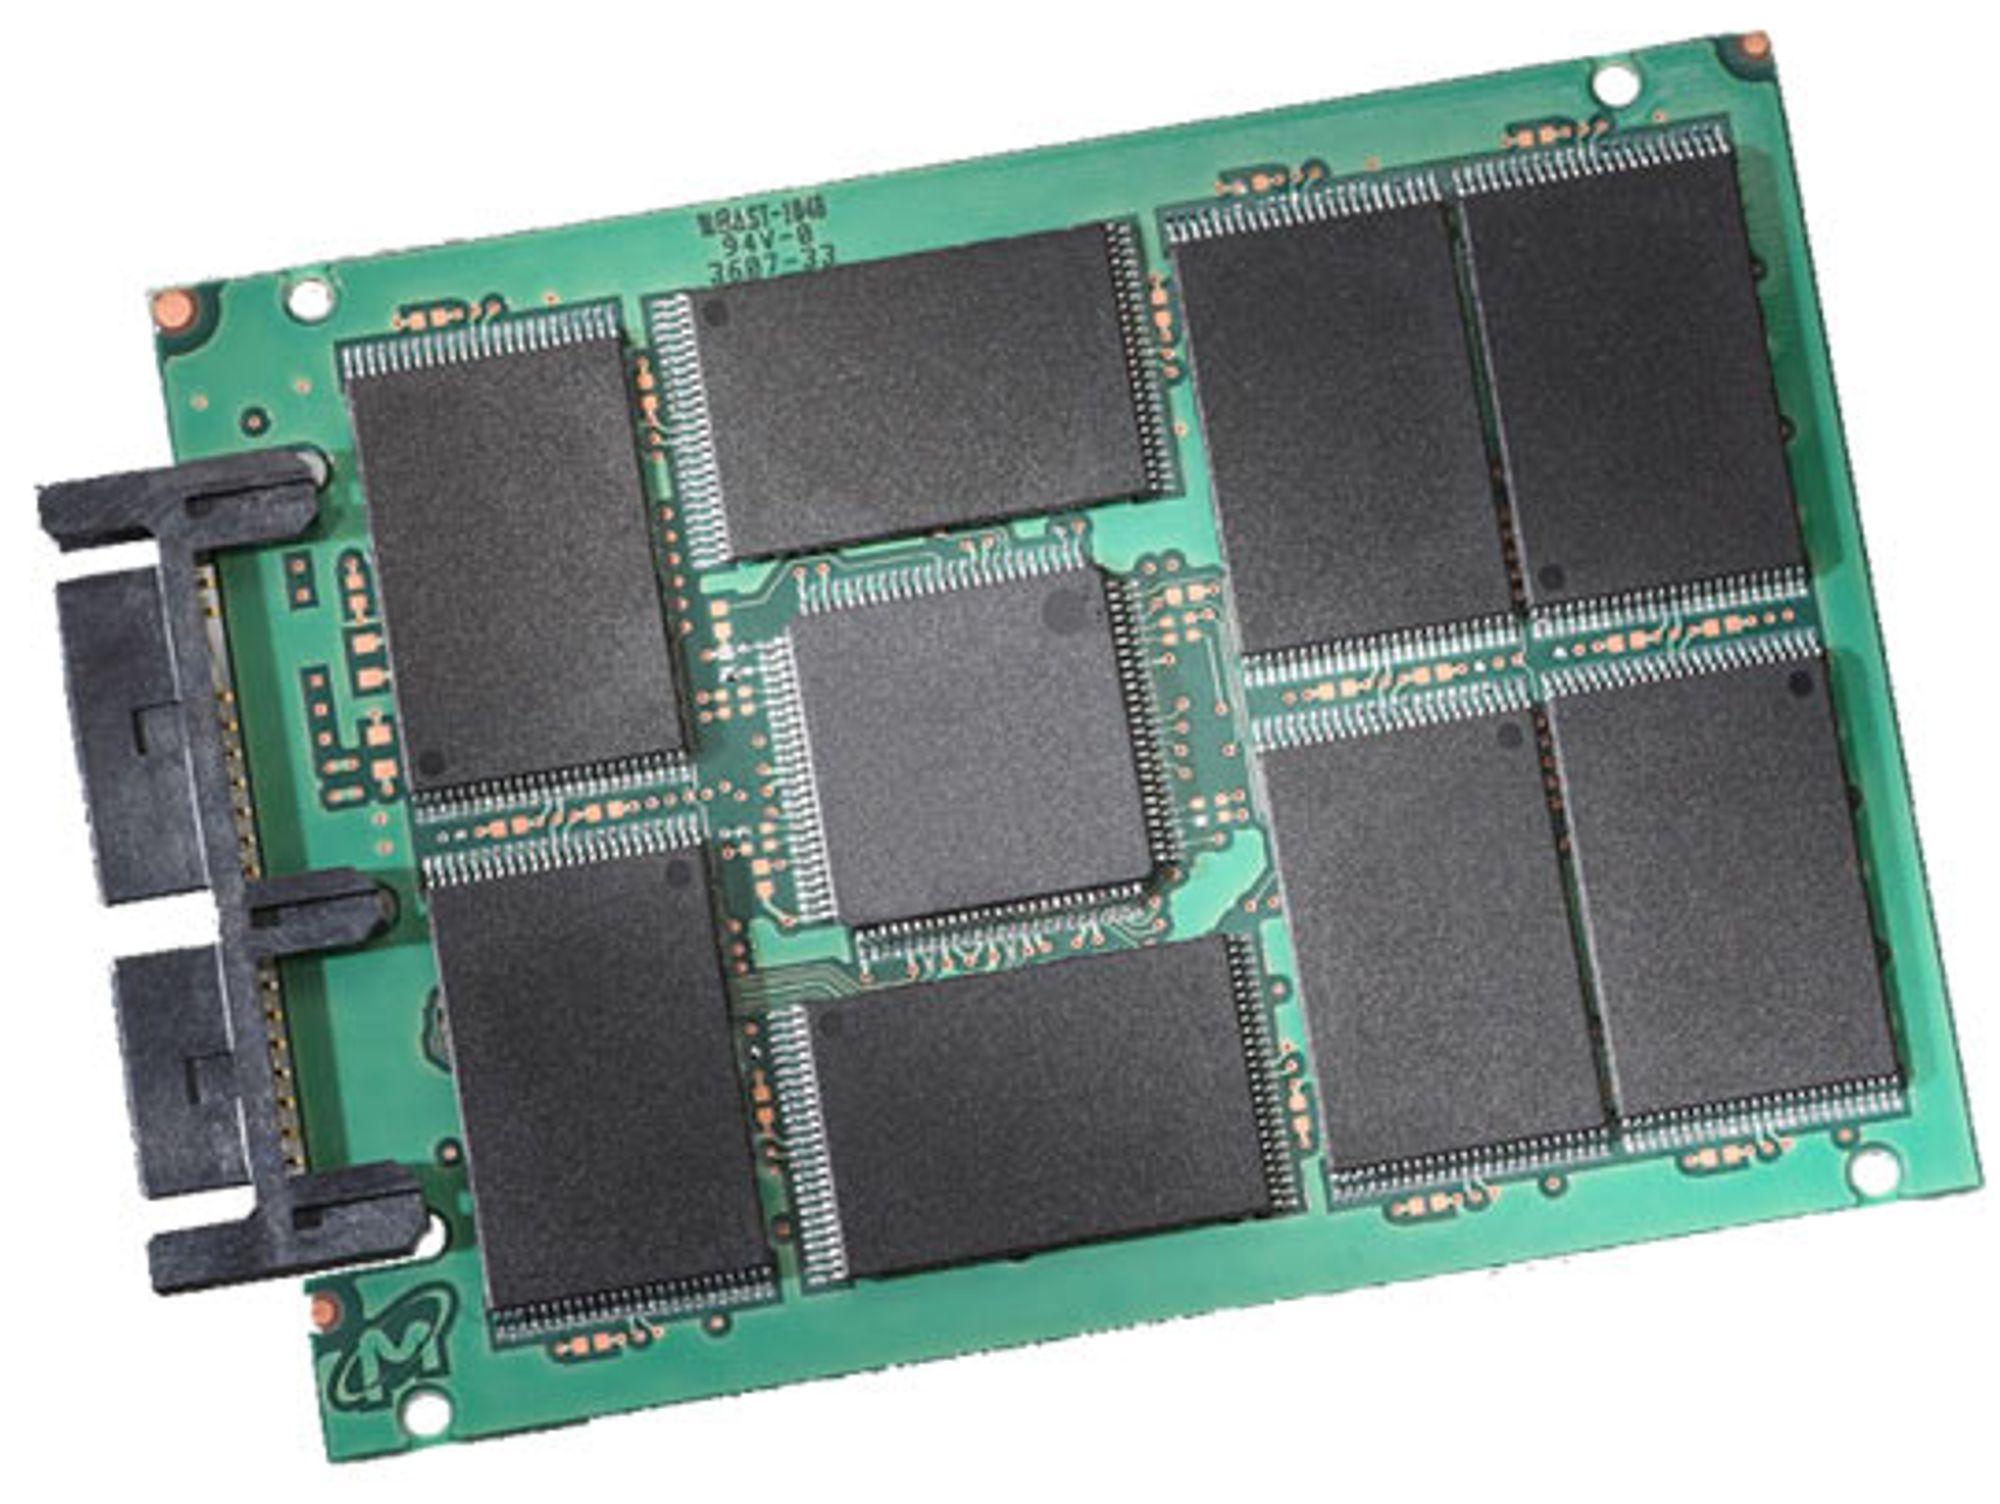 Blant annet Micron kan bruke Barefoot i SSD-enhetene sine. Foto: Micron